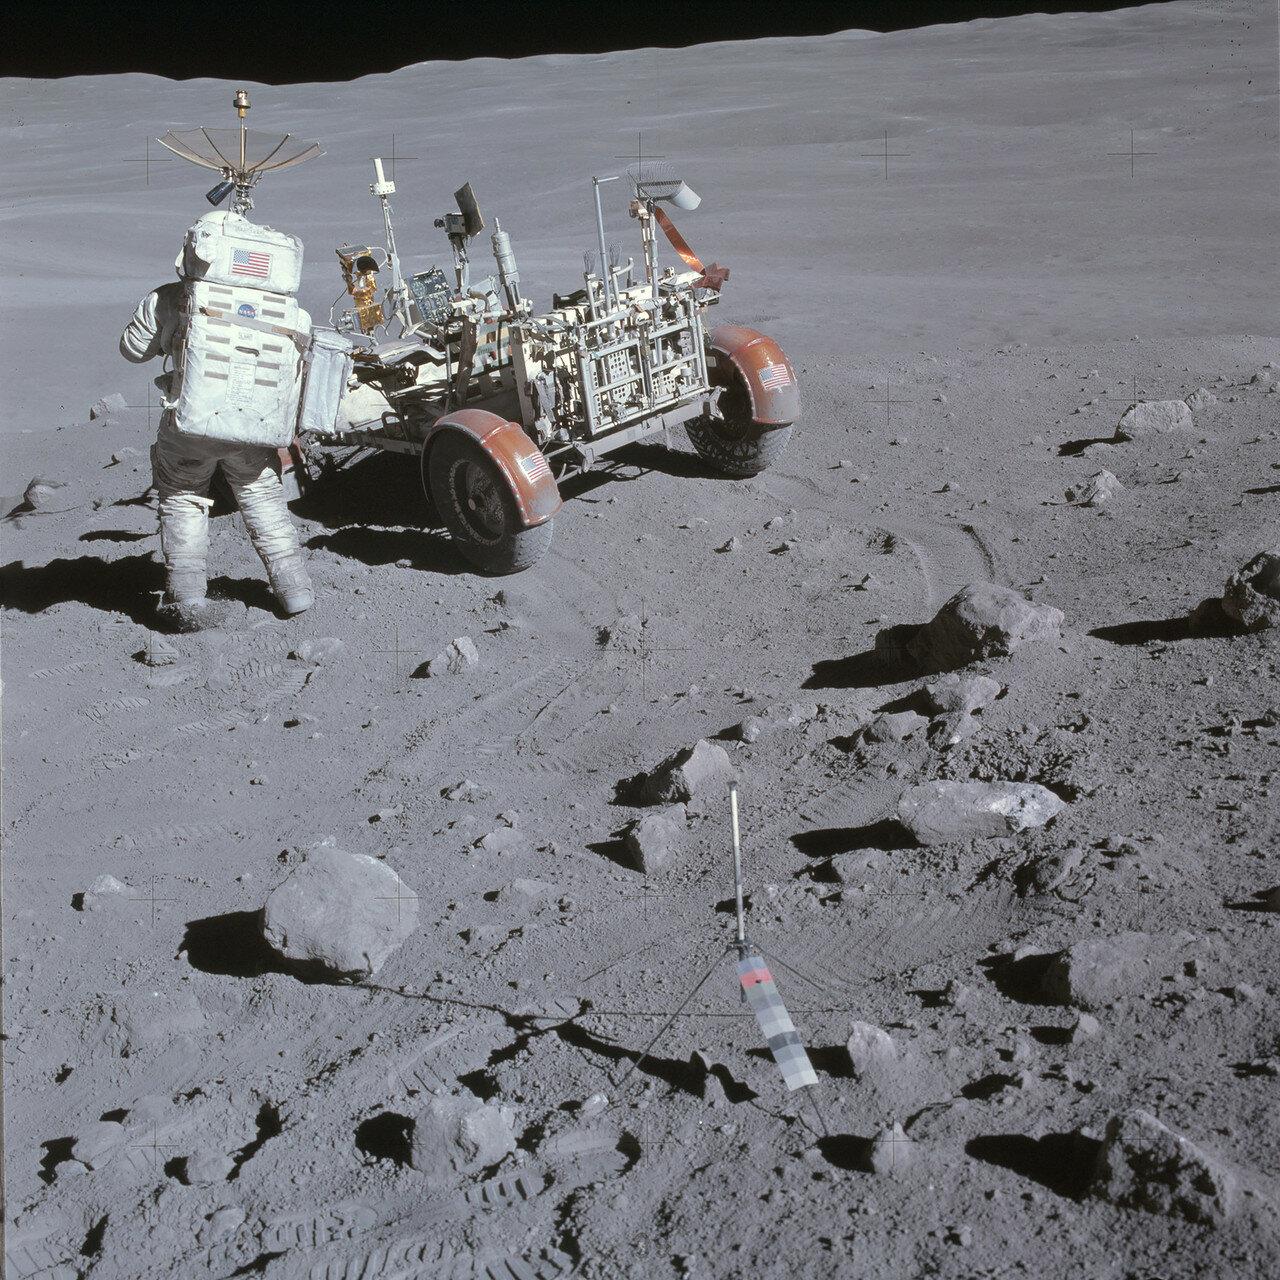 На седьмой день миссии, 22 апреля, астронавтам предстояла поездка в южном направлении, в район кратера Южный Луч и подъём по склону горы Стоун Маунтин к группе из пяти небольших кратеров Синко. На снимке: Чарли Дьюк у «Лунного Ровера»